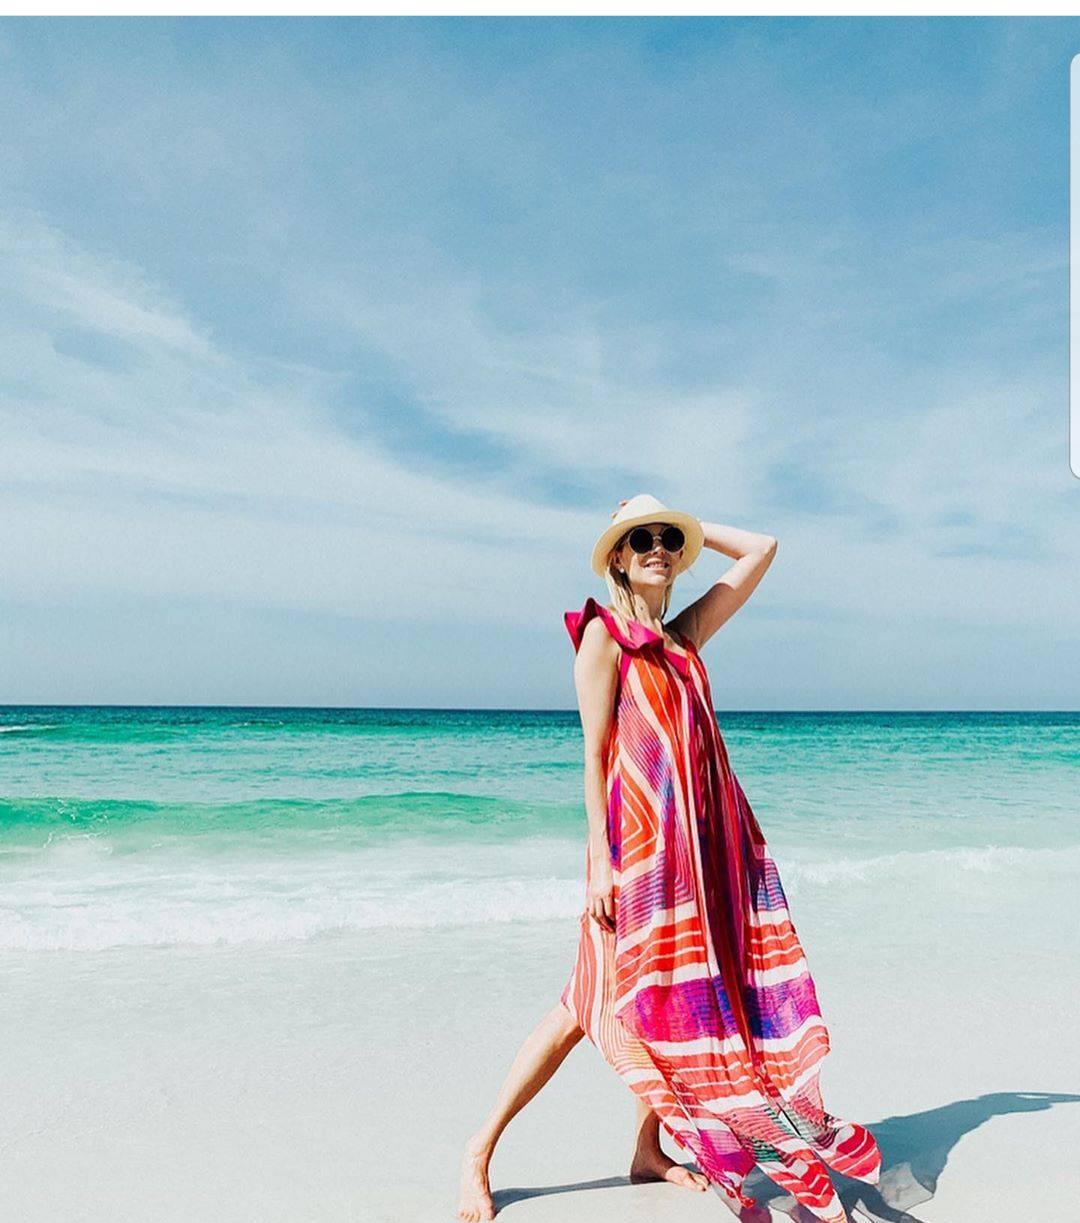 Jarki tonovi: haljina inspirirana divnom tehnikom vodenih boja